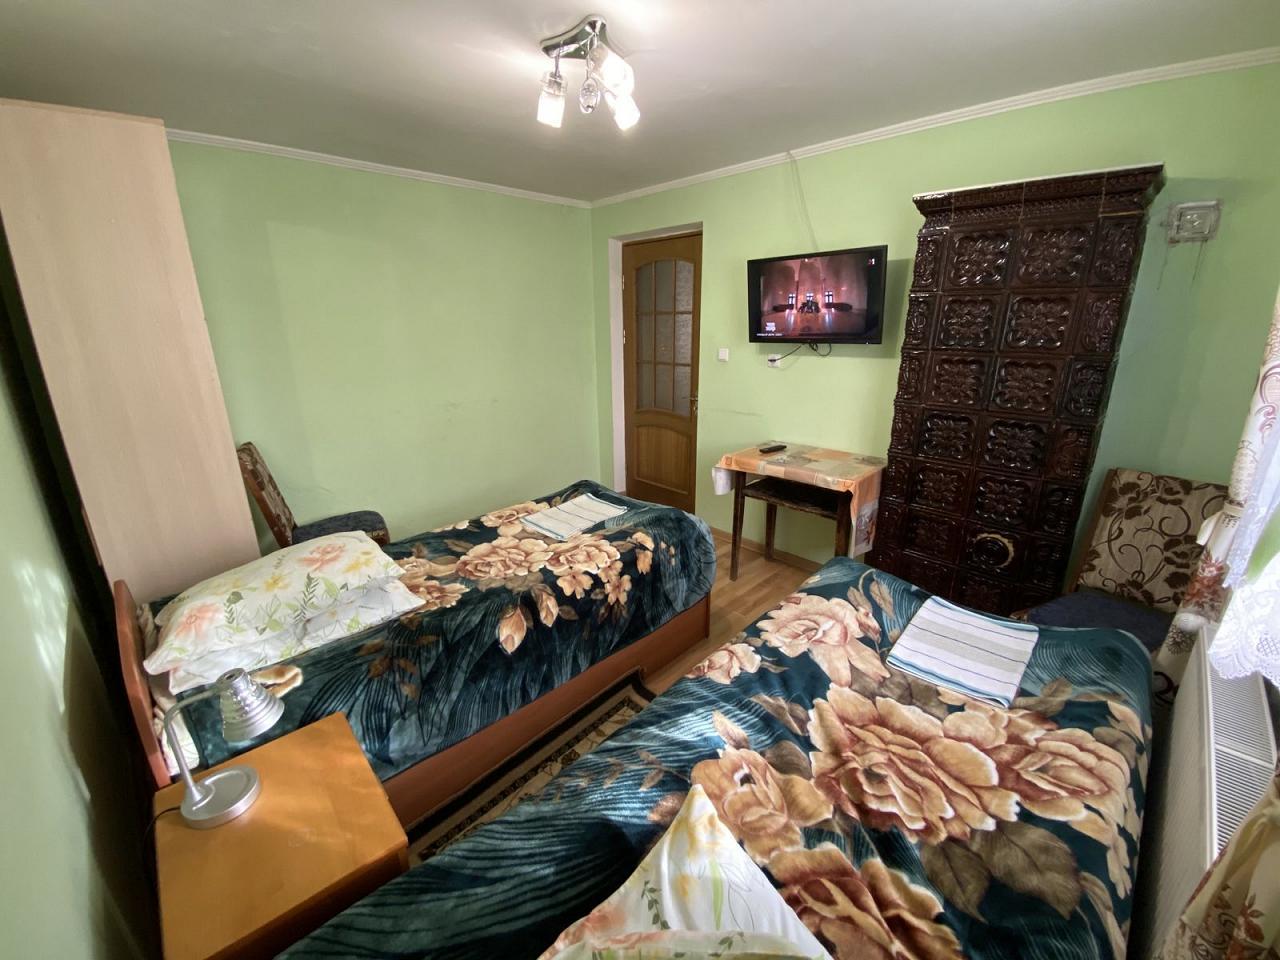 3-кімнатна квартира,вул.Січових Стрільців 14 (1)